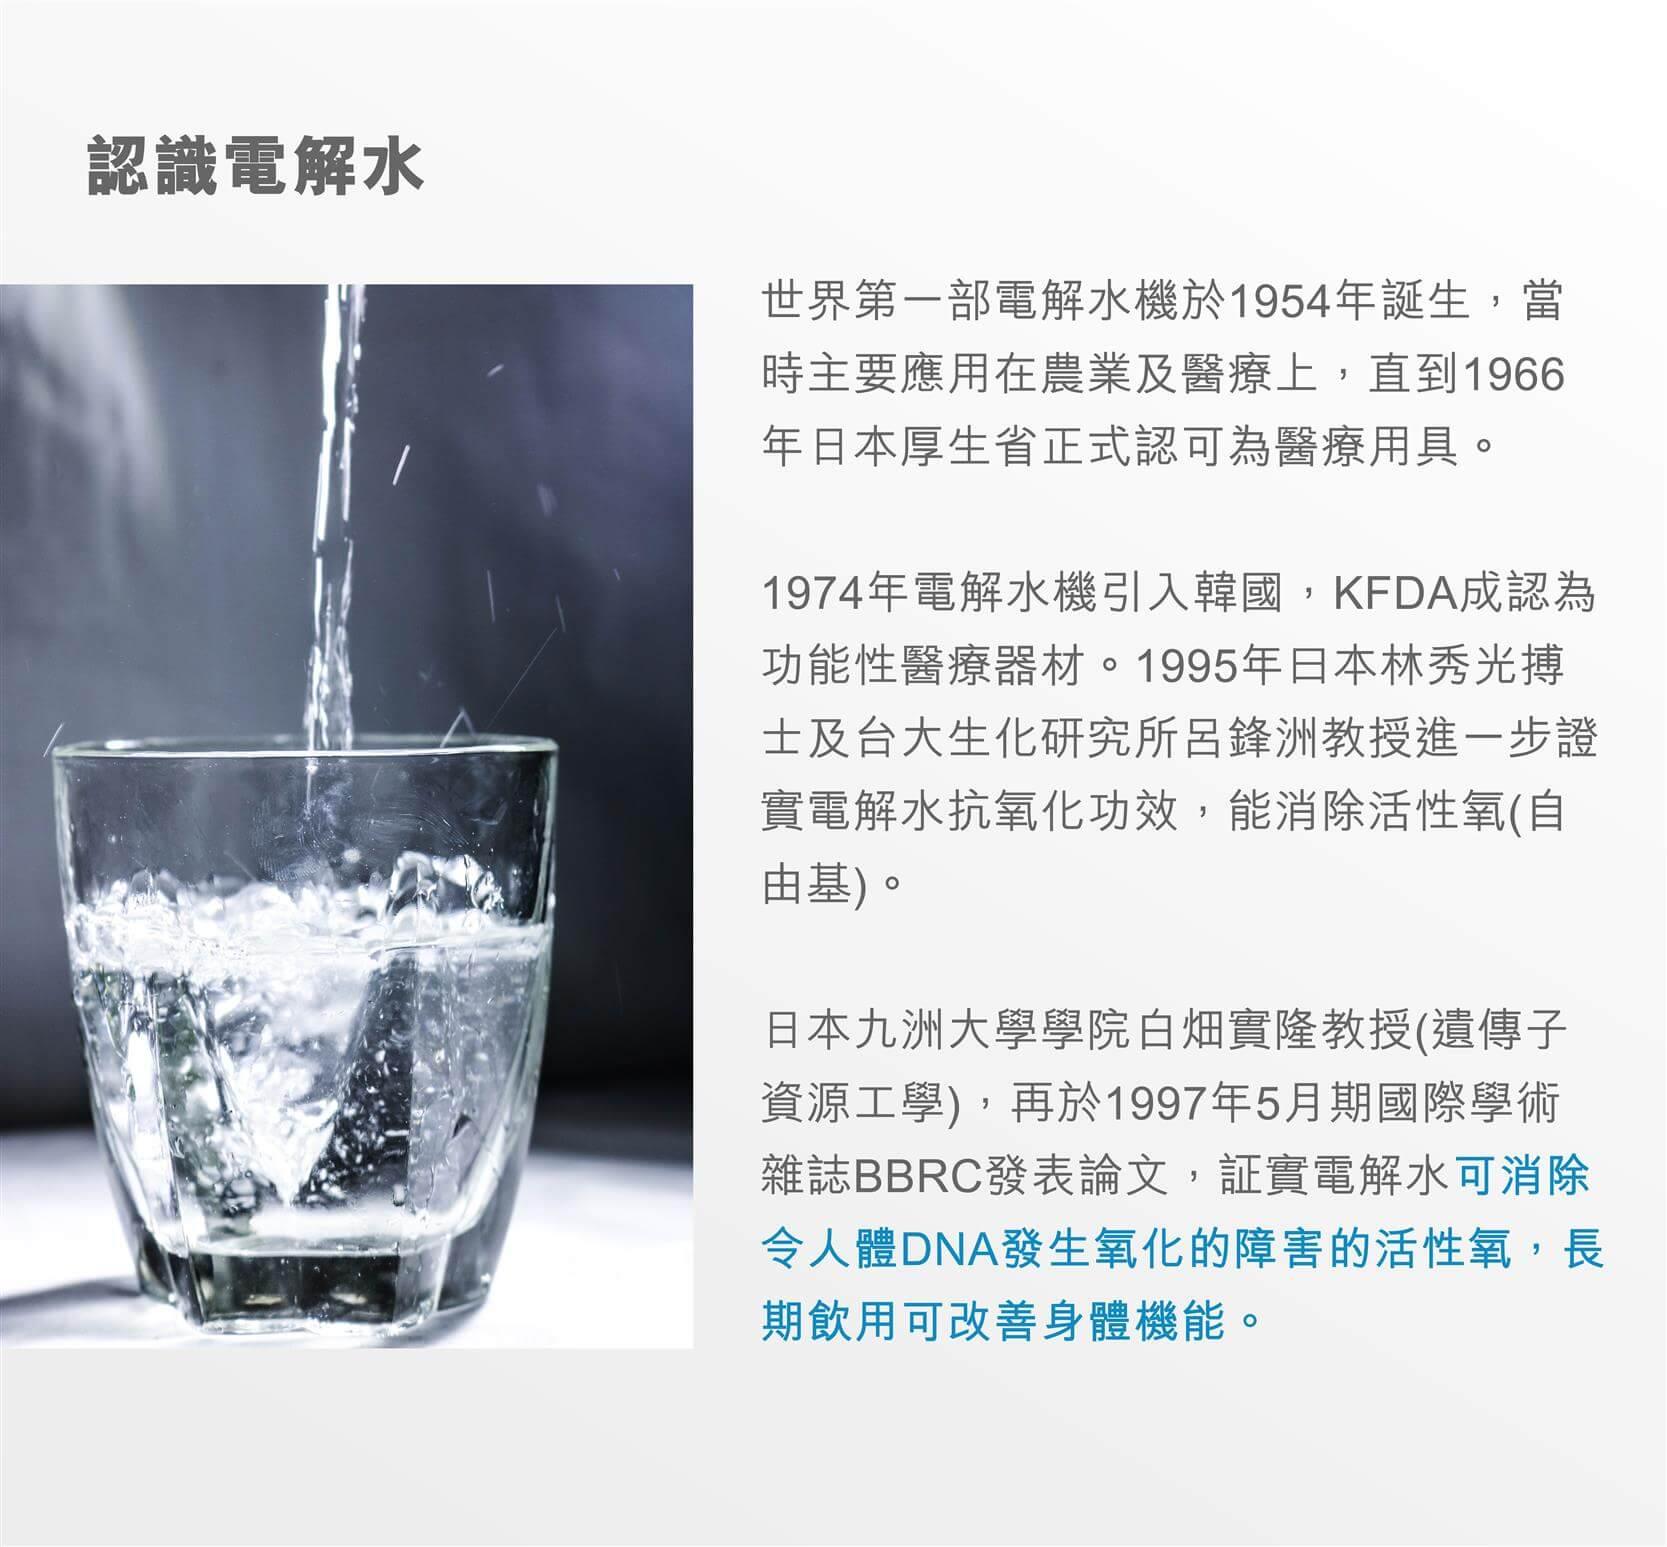 認識電解水  世界第一部電解水機於1954年誕生,當時主要應用在農業及醫療上,直到1966年日本厚生省正式認可為醫療用具。1974年電解水機引入韓國,KFDA成認為功能性醫療器材。1995年曰本林秀光搏士及台大生化研究所呂鋒洲教授進一步證實電解水抗氧化功效,能消除活性氧(自由基)。日本九洲大學學院白畑實隆教授(遺傳子資源工學),再於1997年5月期國際學術雜誌BBRC發表論文,証實電解水可消除令人體DNA發生氧化的障害的活性氧。長期飲用可改善身體機能。  電解水原理  水《H2O》是由氧氣《O》和氫氣《H》組合而成的,將淨化後的食水通過電解後(依同性相斥異性相吸的原理)會把水中分子分解,將帶正電的鈣、鉀、鎂、鈉等陽離子匯集到陰極成為帶有(-ve)電位的鹼性電解水供飲用;而帶有負電位的氯、三鹵甲烷、磷酸、硫酸、硝酸等陰離子匯集到陽極成為帶有(+ve)電位的酸性氧化水則可作美容水及其它消毒用途。